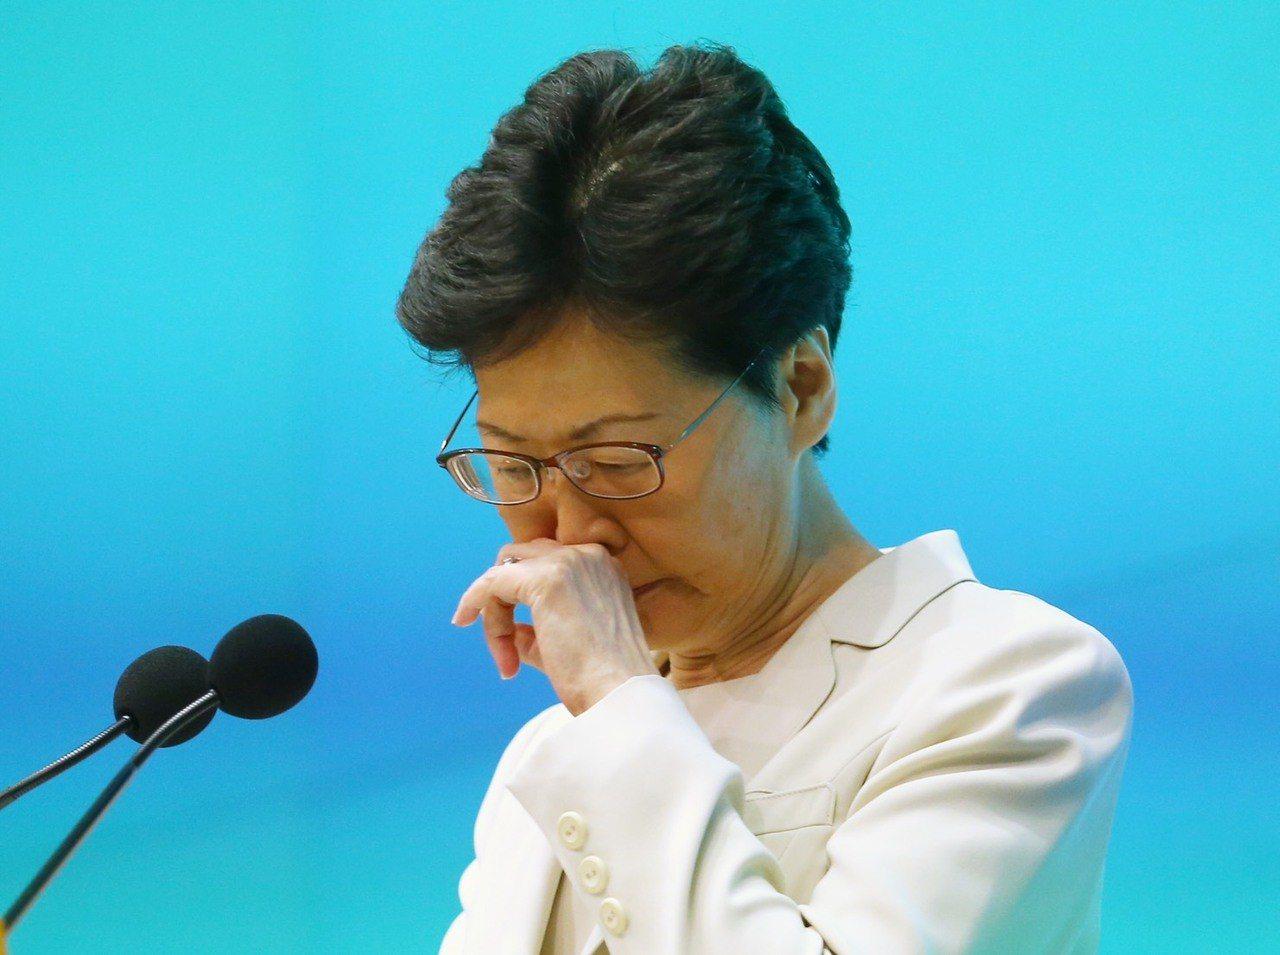 香港行政長官林鄭月娥下午舉行記者會,聲明針對處理修例工作不足,負上極大責任,並向...